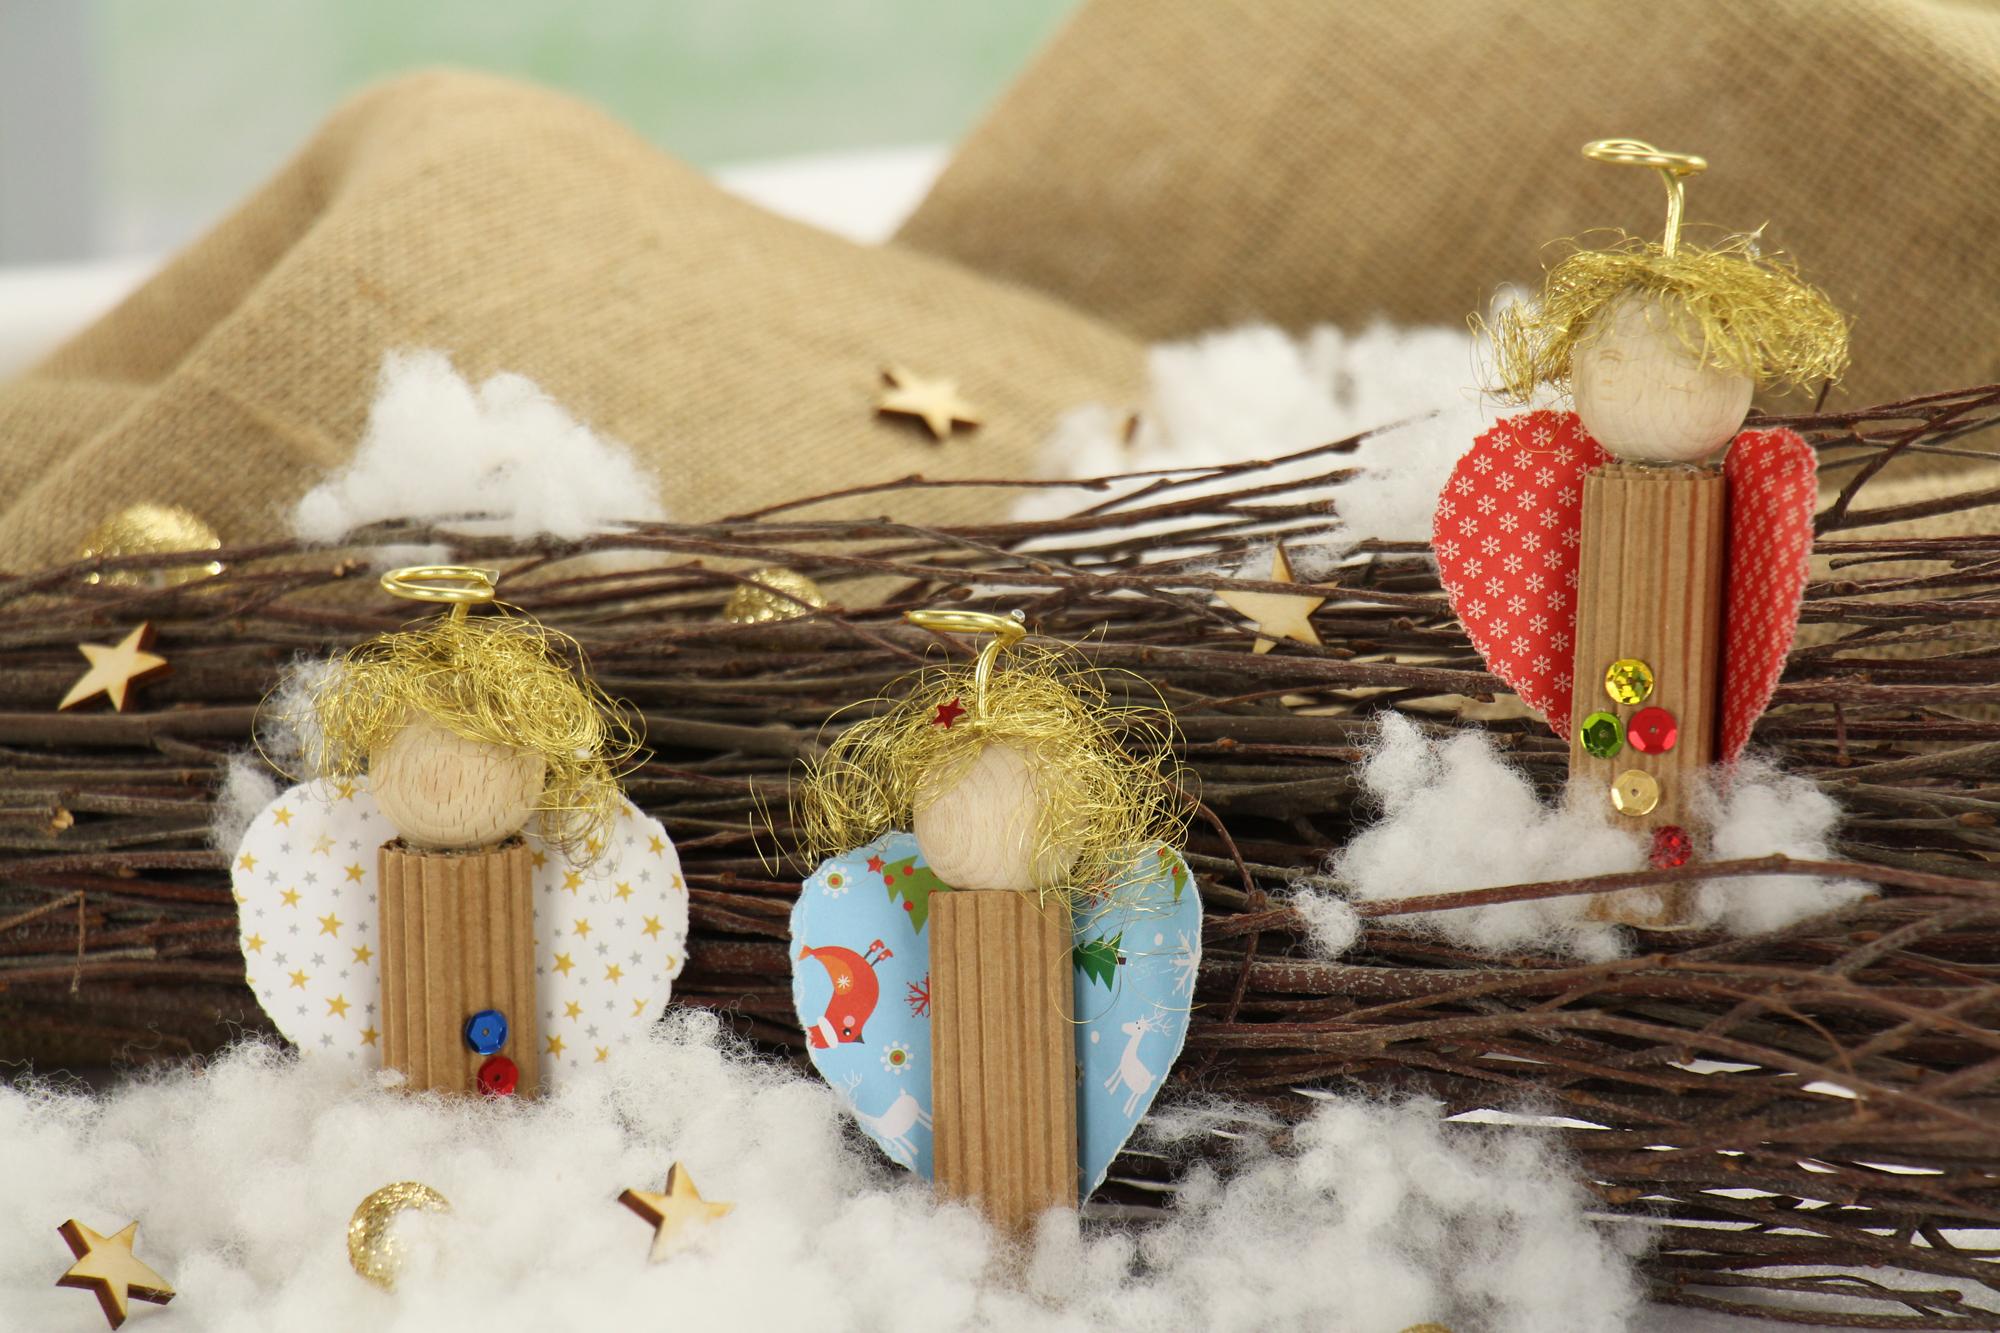 Elegant Weihnachtsgeschenk Basteln Referenz Von Weihnachtsgeschenke Ideen